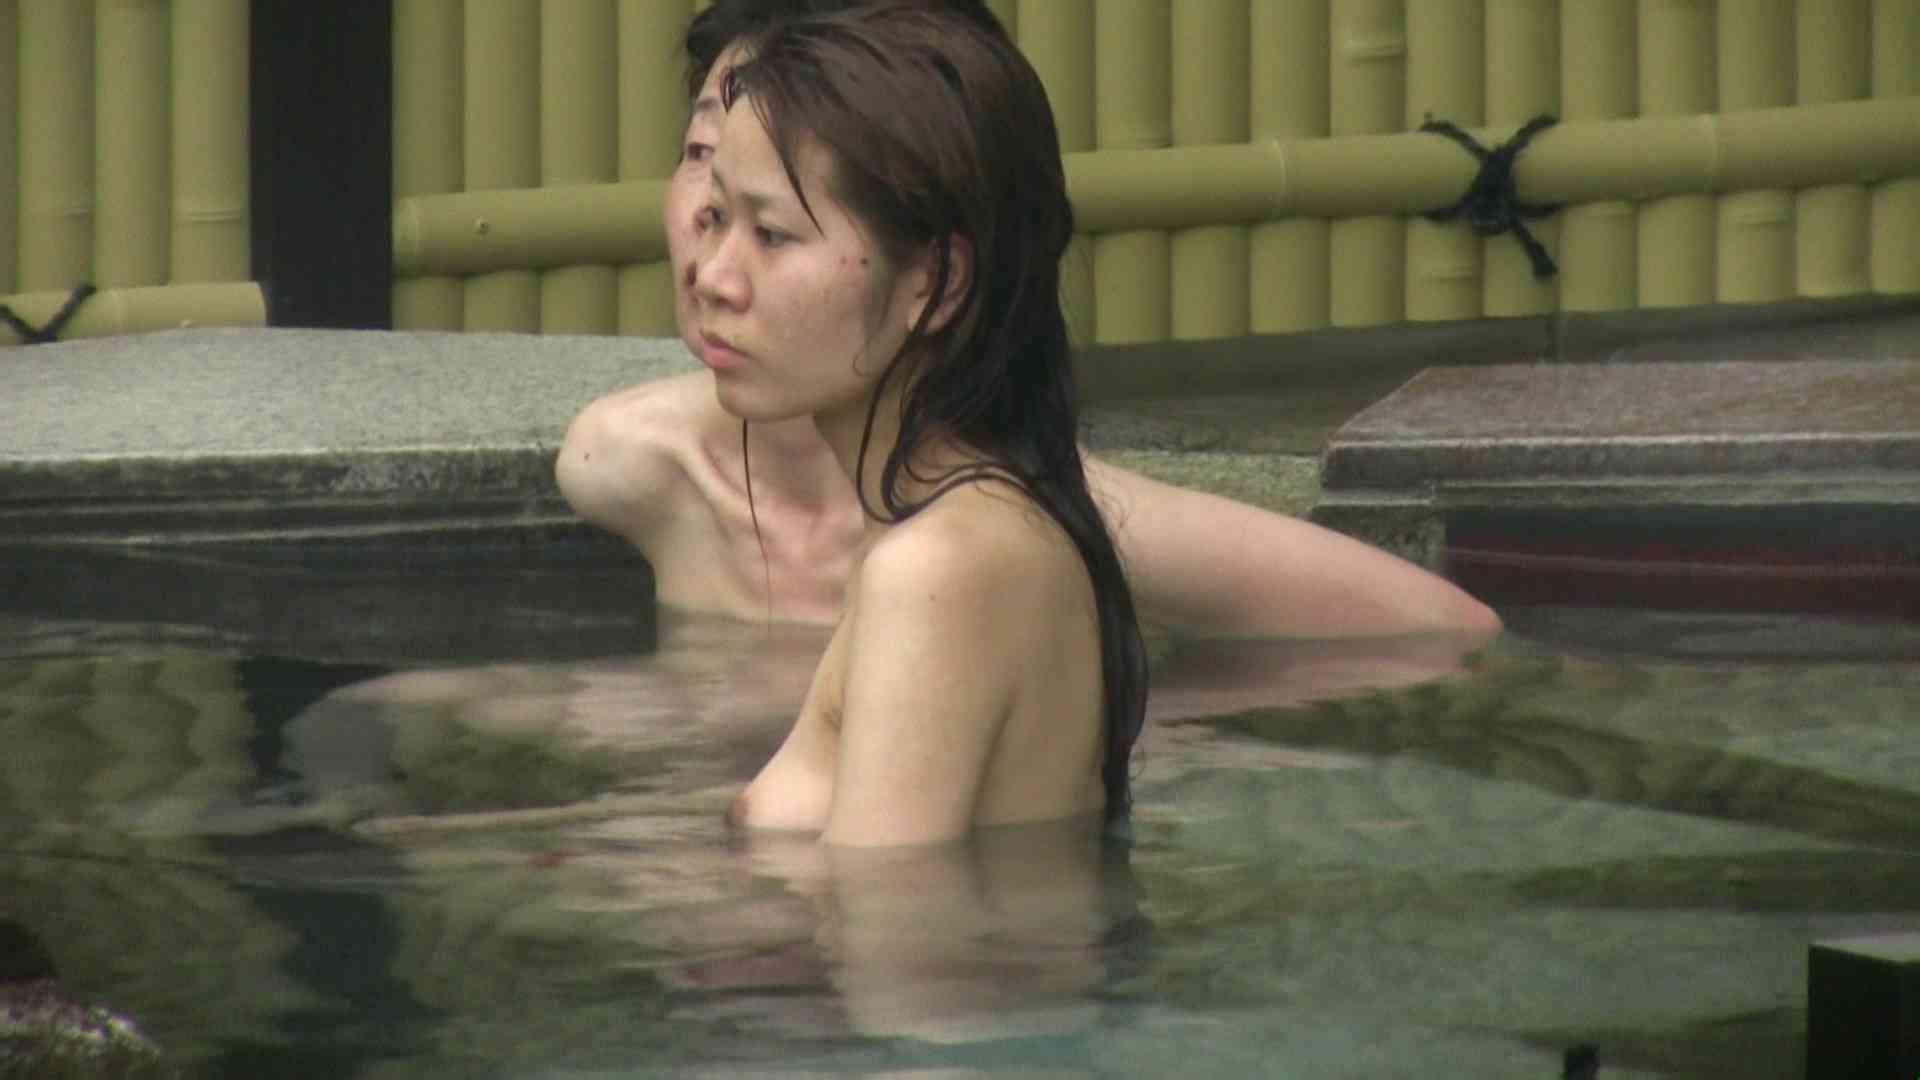 Aquaな露天風呂Vol.07 盗撮シリーズ  94PIX 16